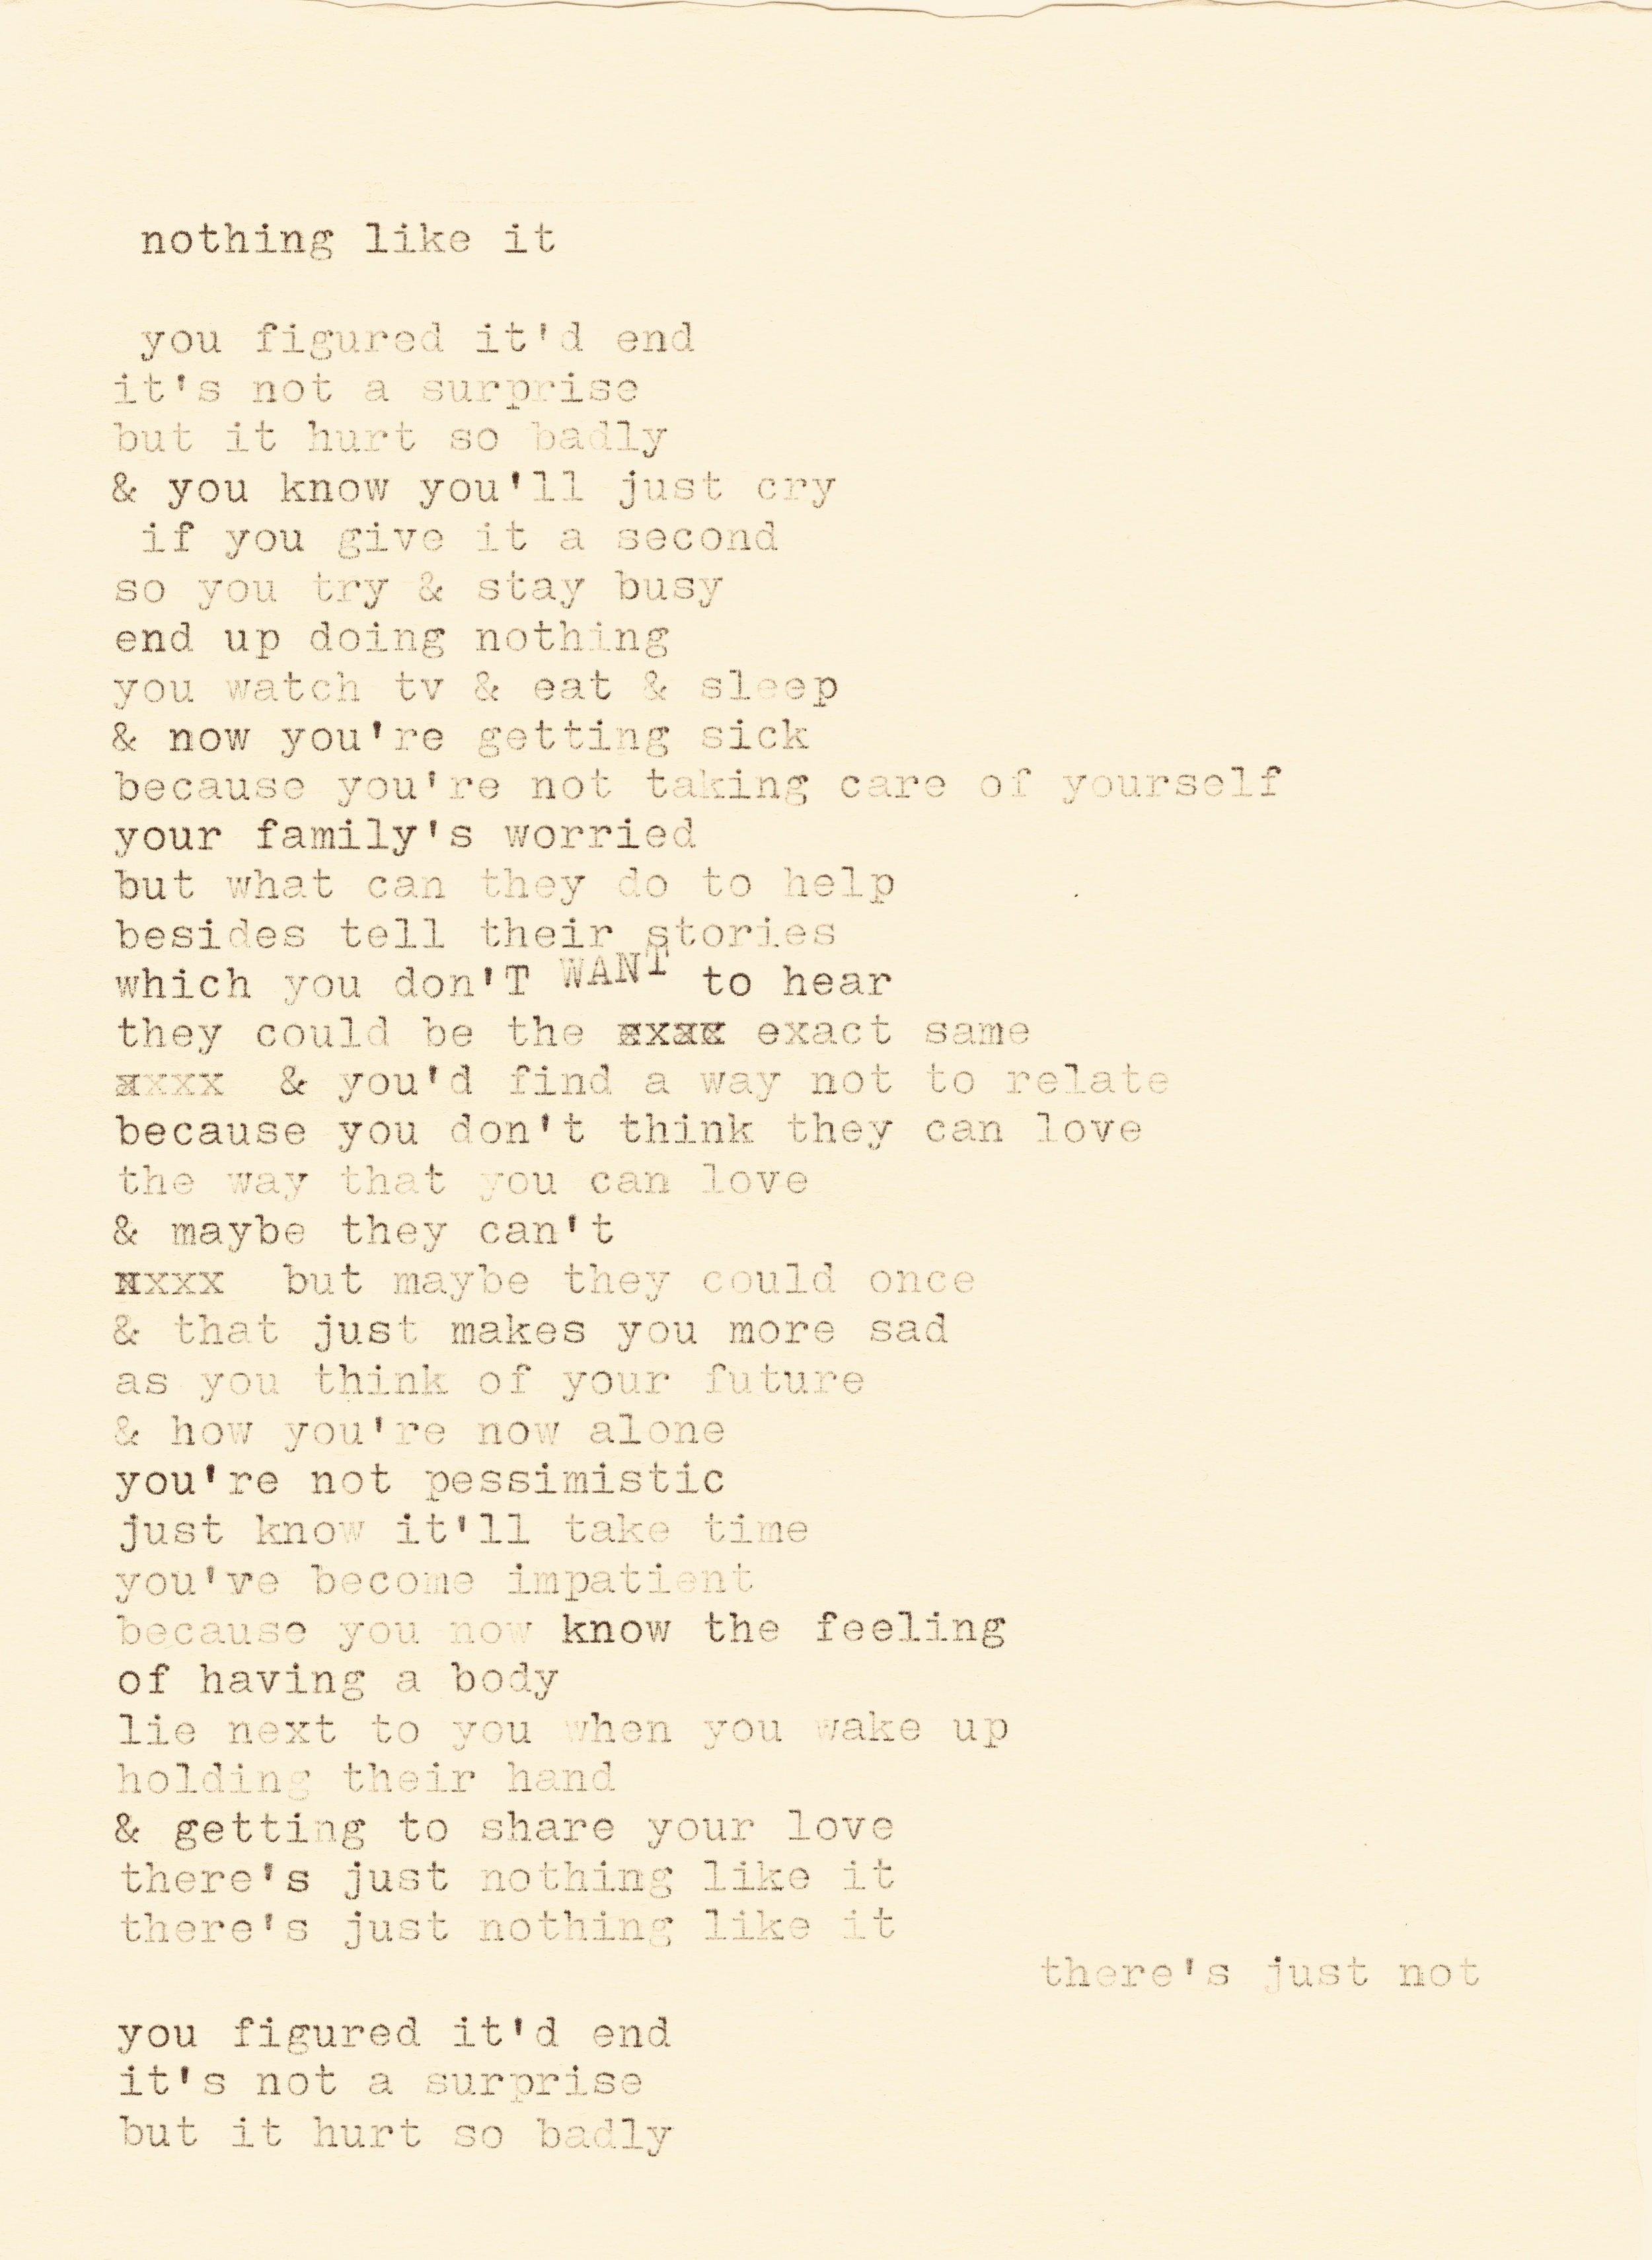 nothing like it lyrics typewriter.jpg